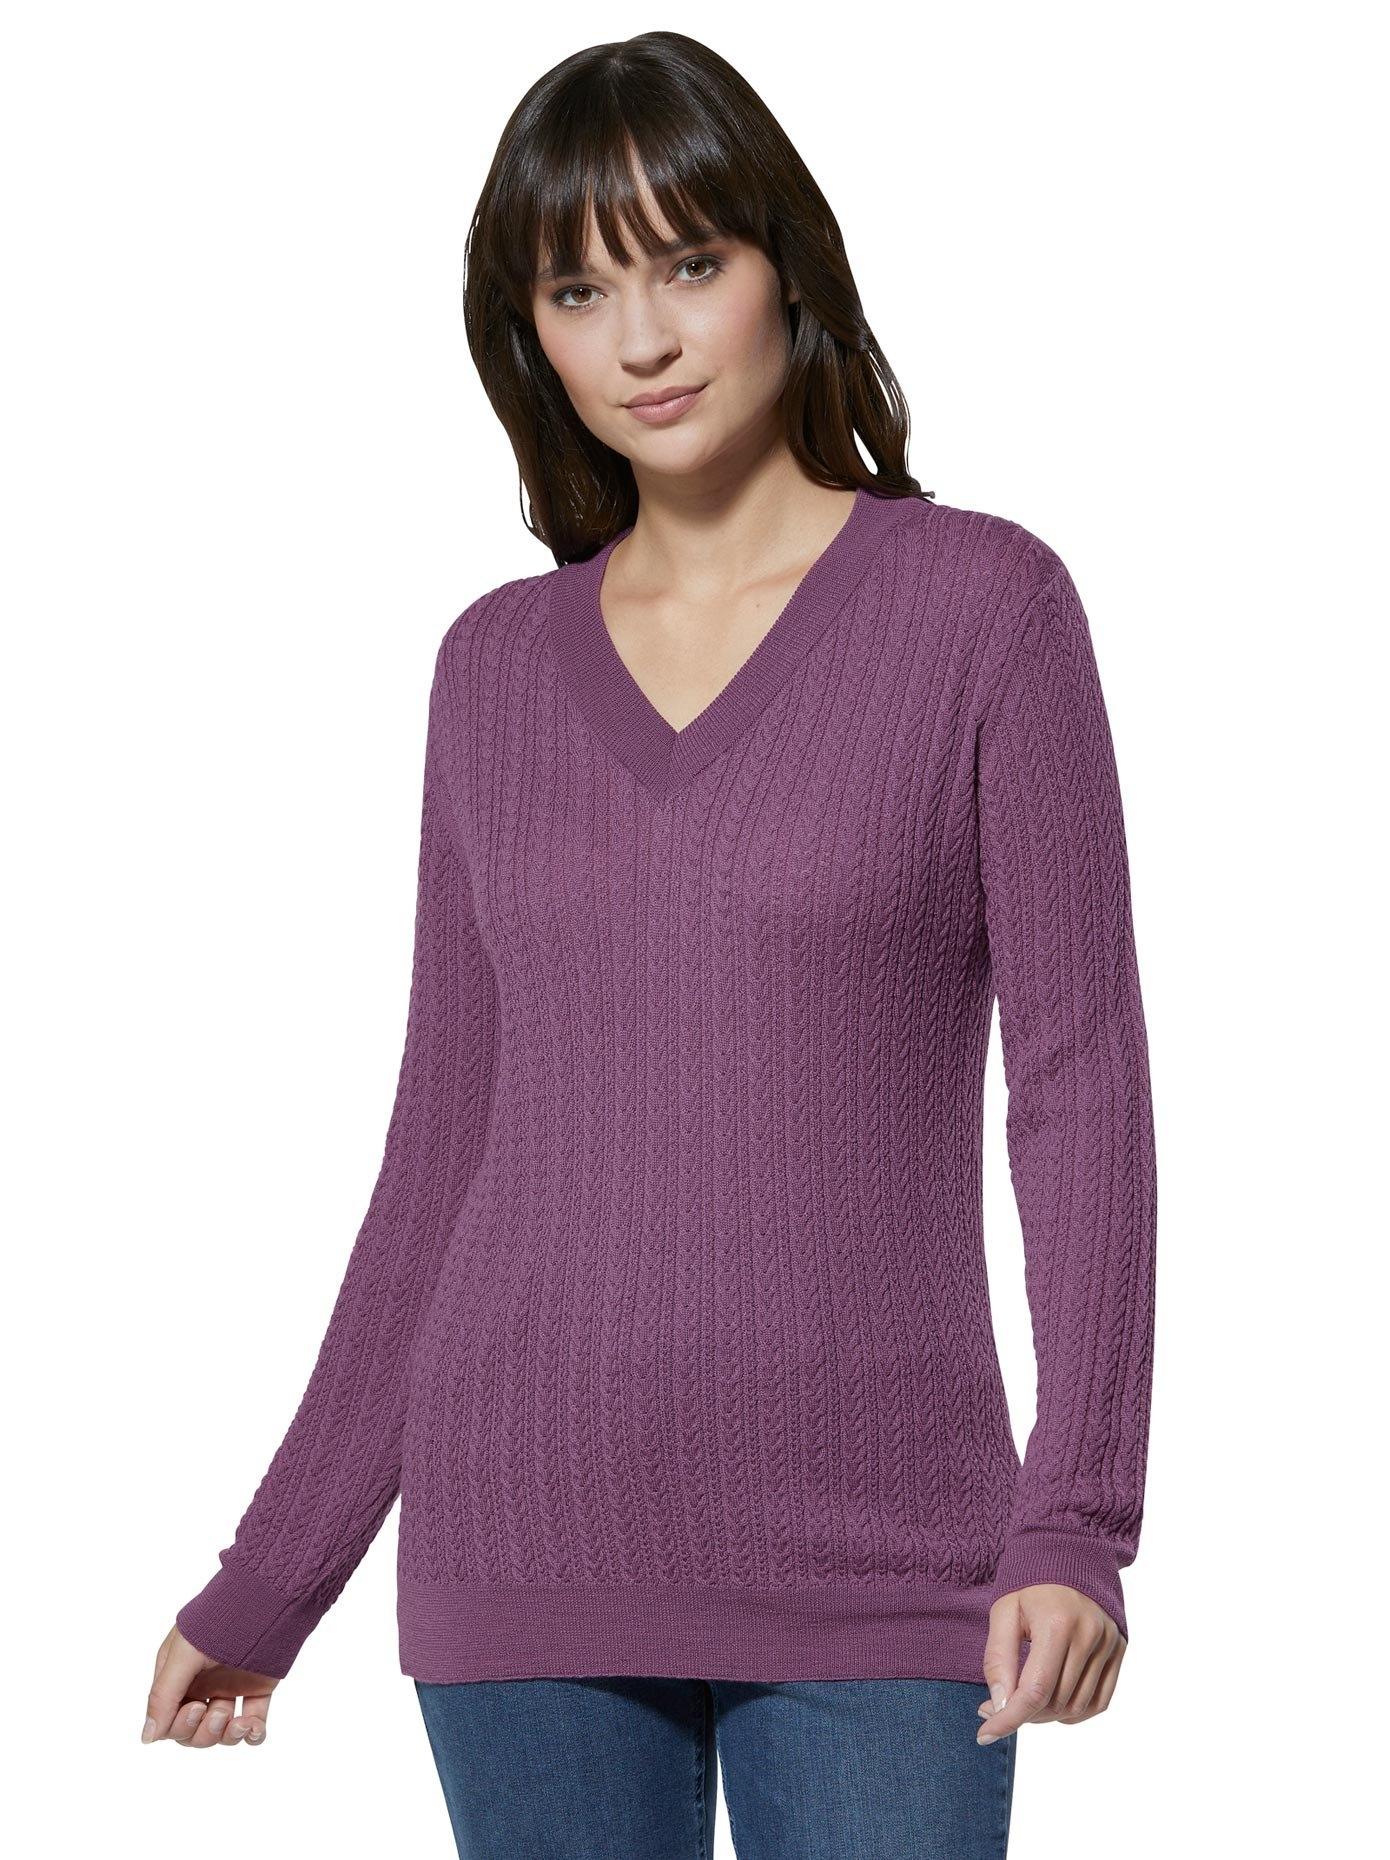 Casual Looks wollen trui nu online bestellen